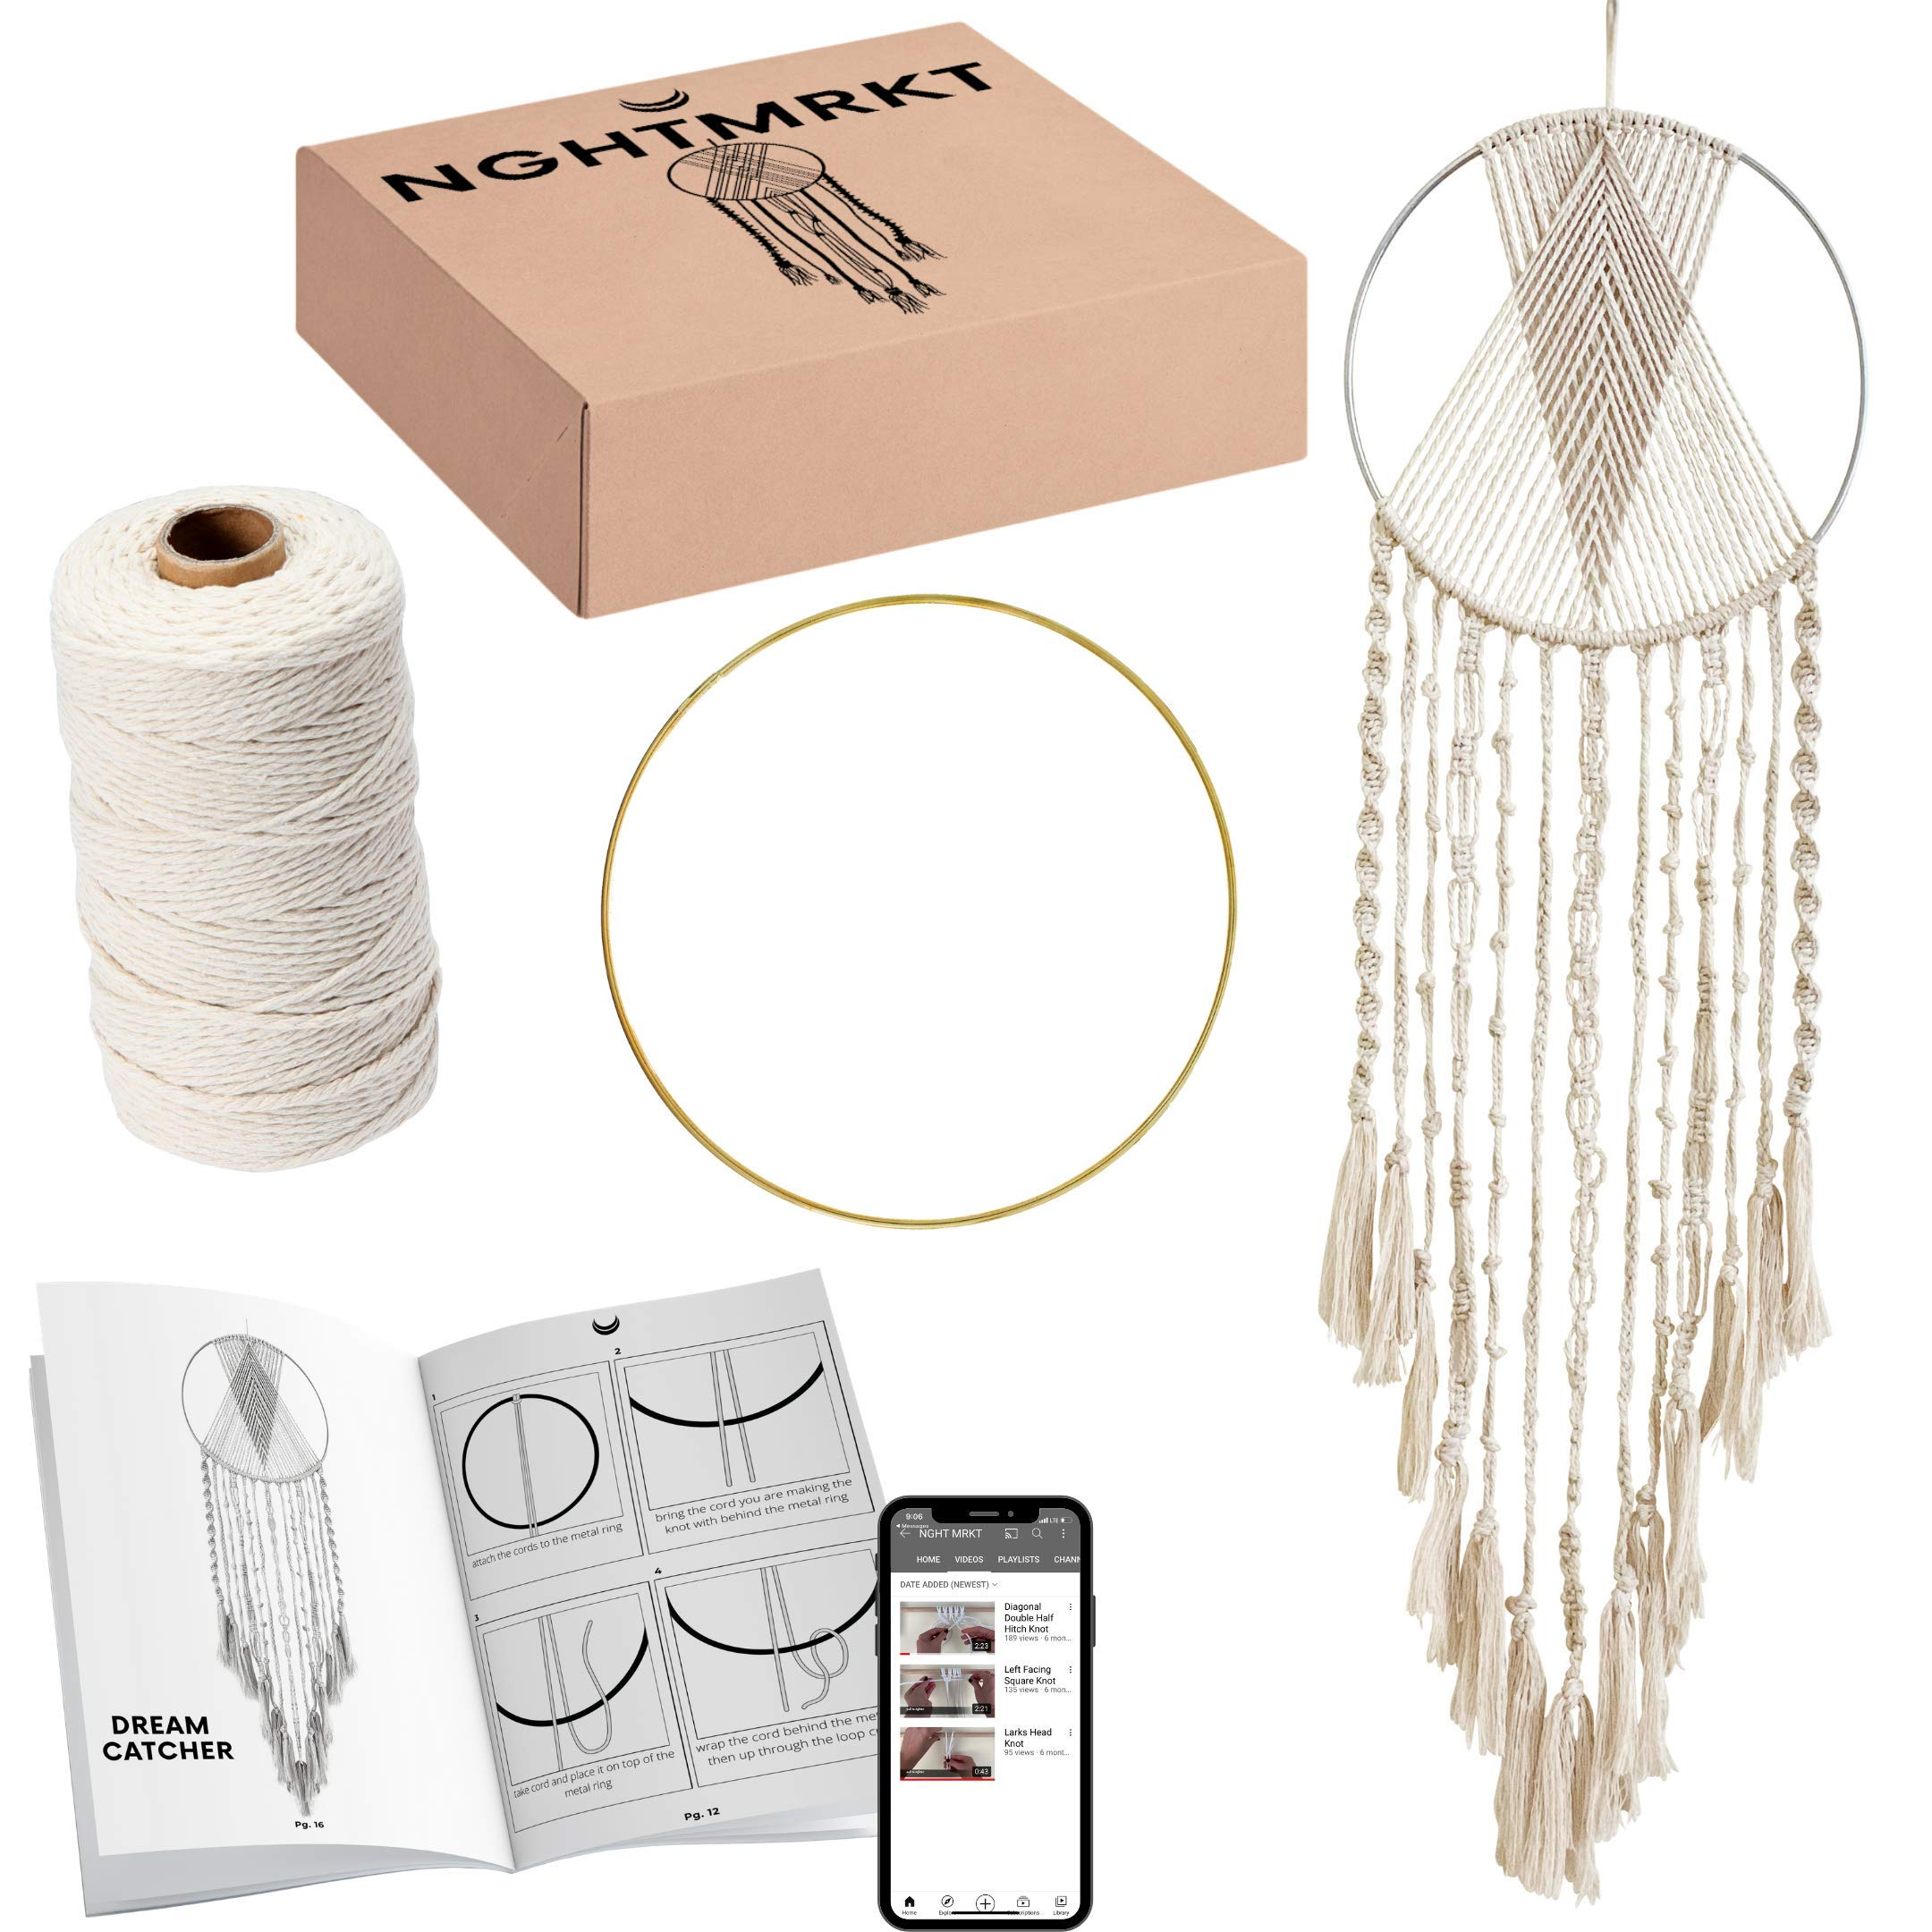 Nghtmrkt Macrame Kit, DIY Macrame Kits for Adult Beginners, Dream Catcher Kit, 200 Yards Macrame Cord, Gold Ring